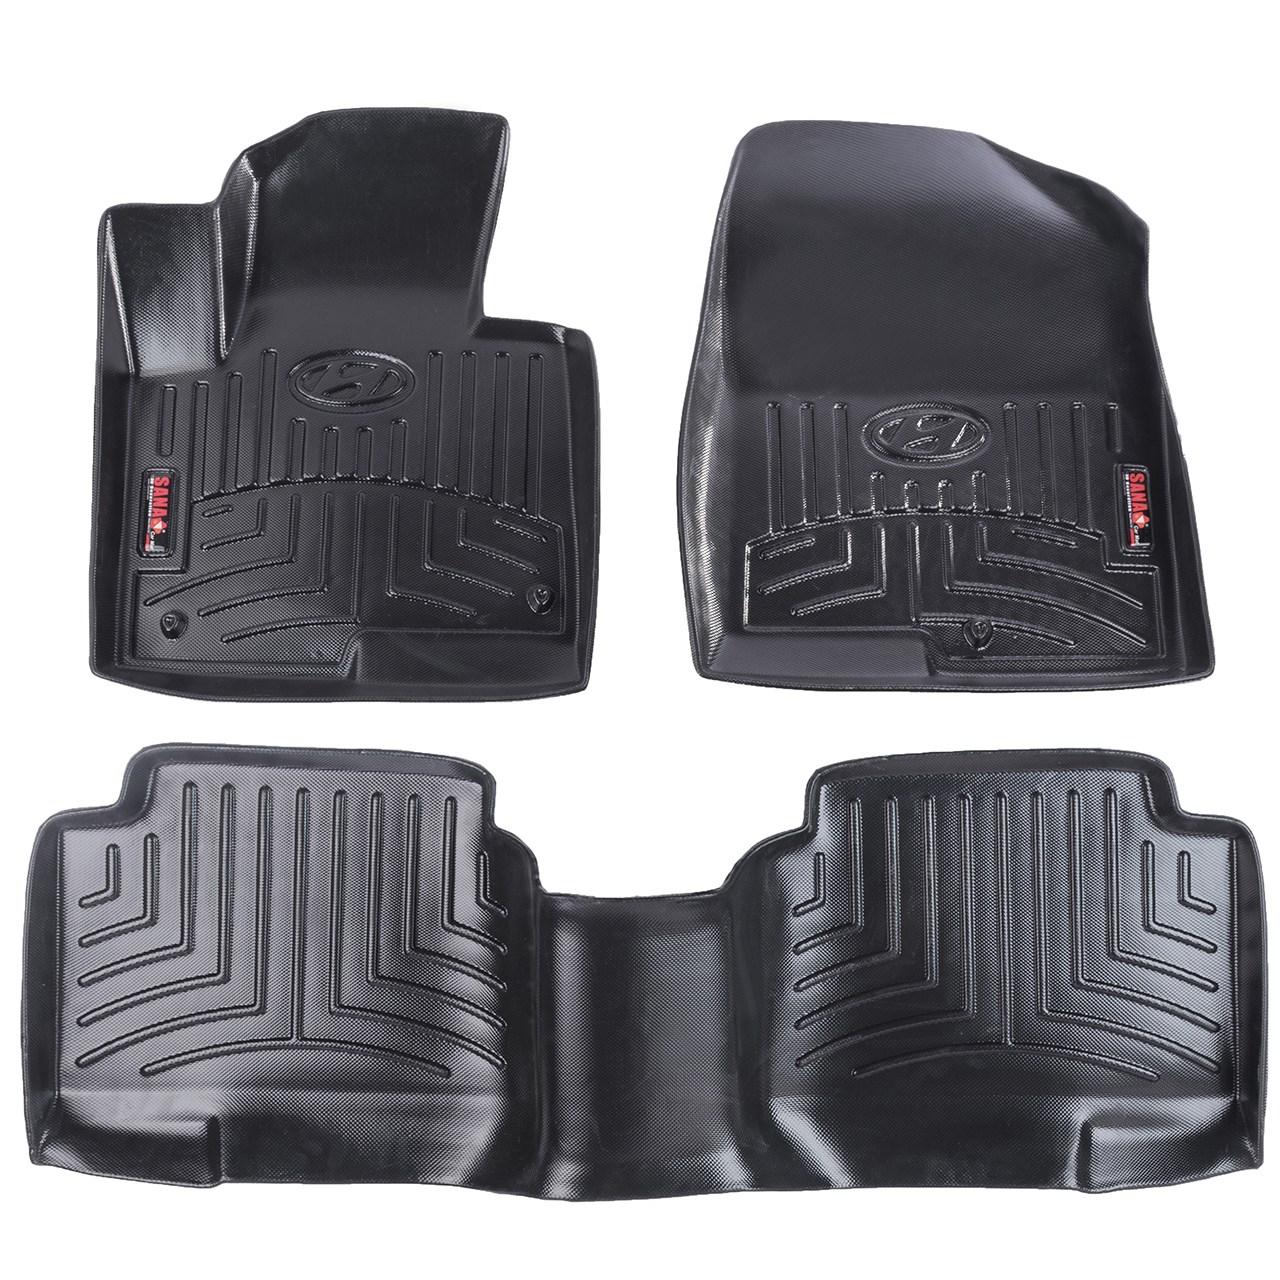 کفپوش سه بعدی خودرو سانا مناسب برای هیوندای IX45